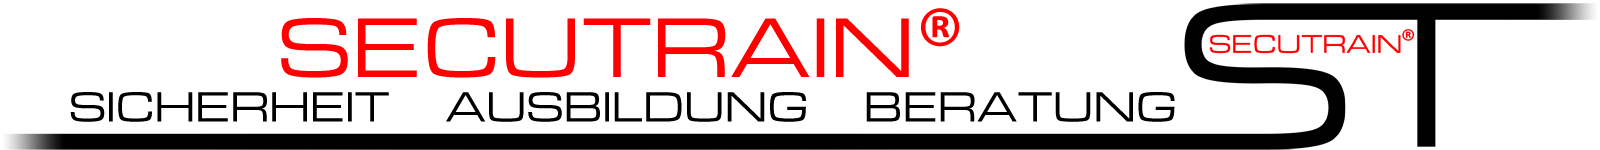 SECUTRAIN®